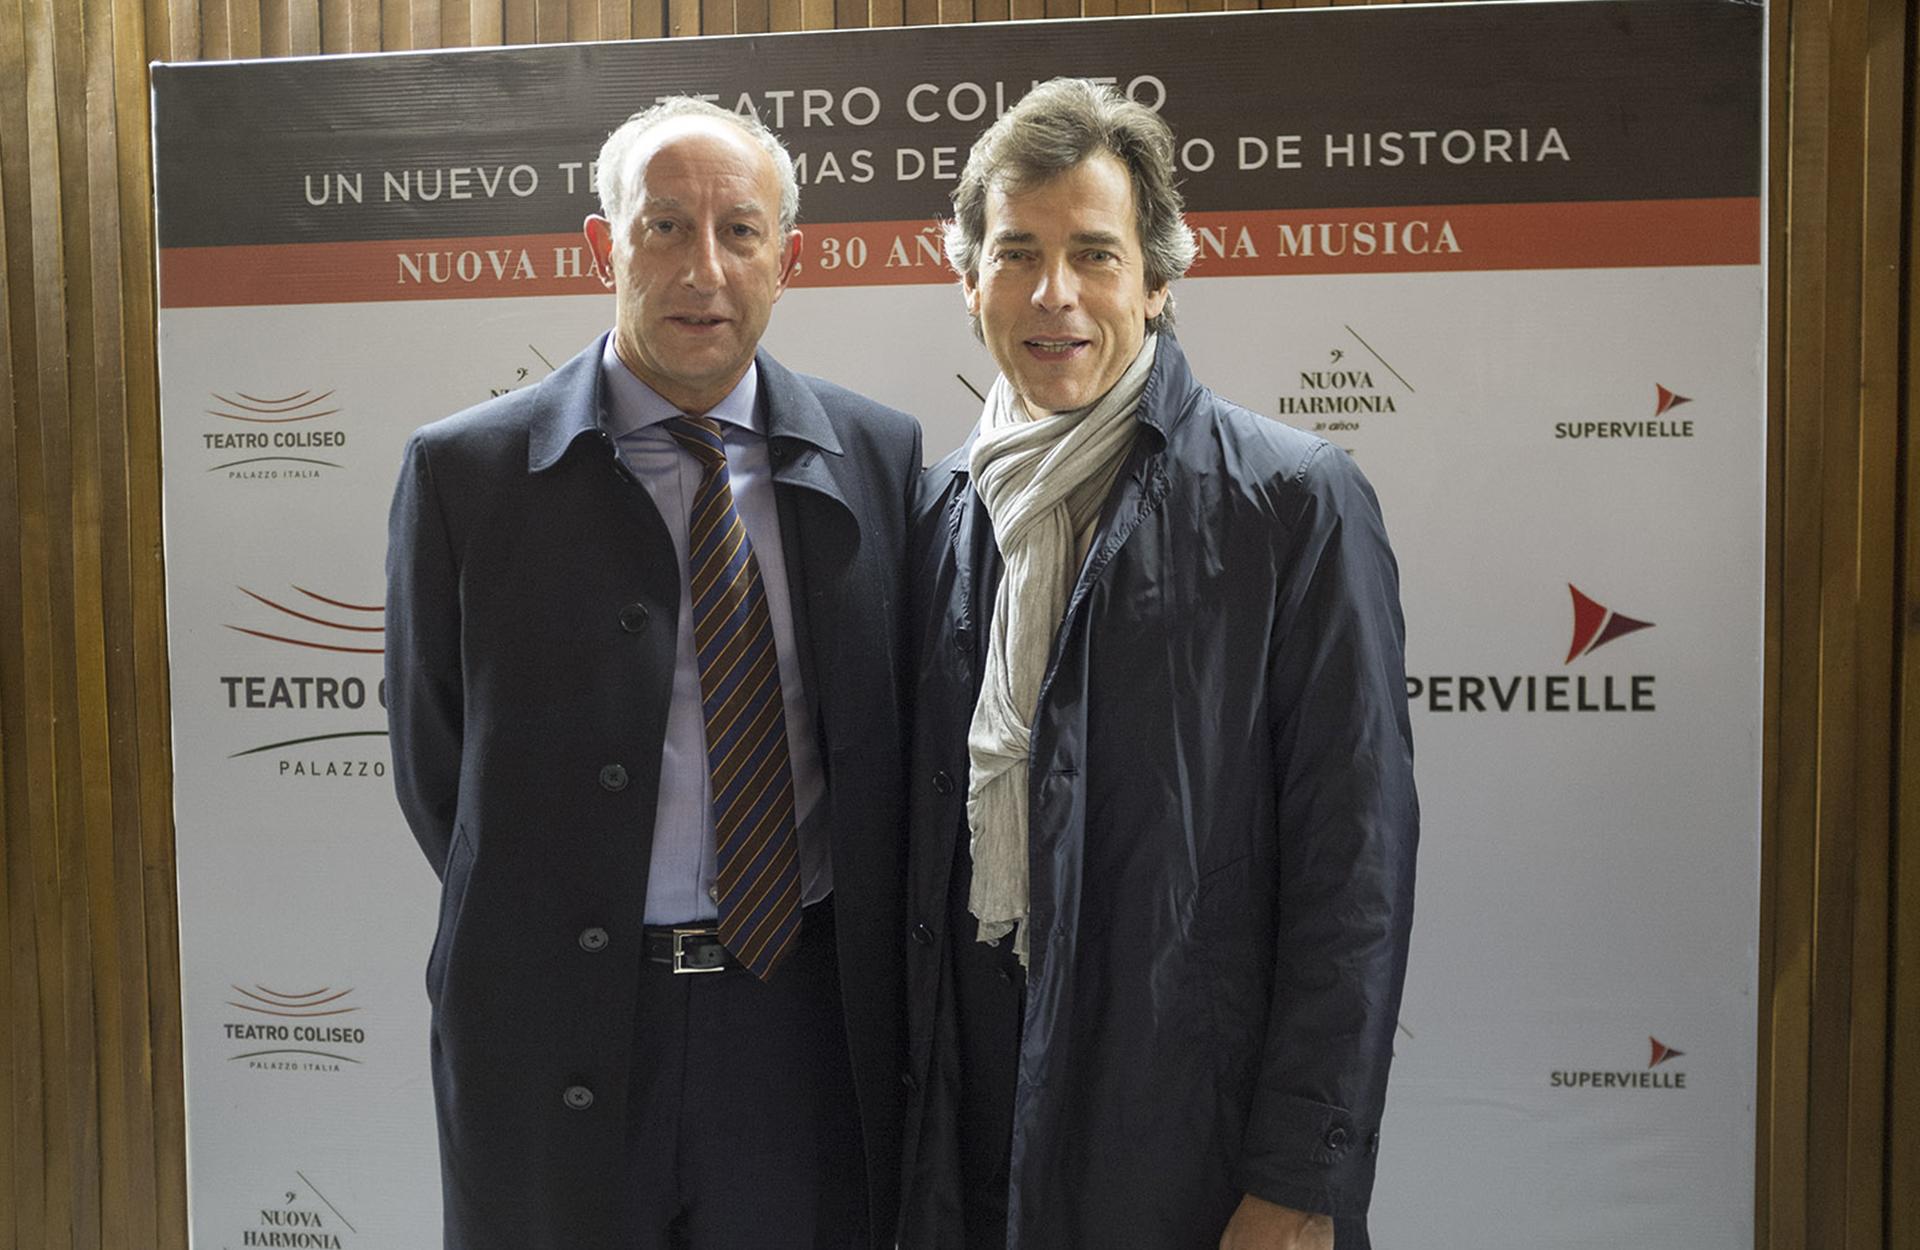 Maurizio Fritelli, presidente de la Fundación Orchestra Regionale Toscana, y Marco Parri, manager de la Orquesta